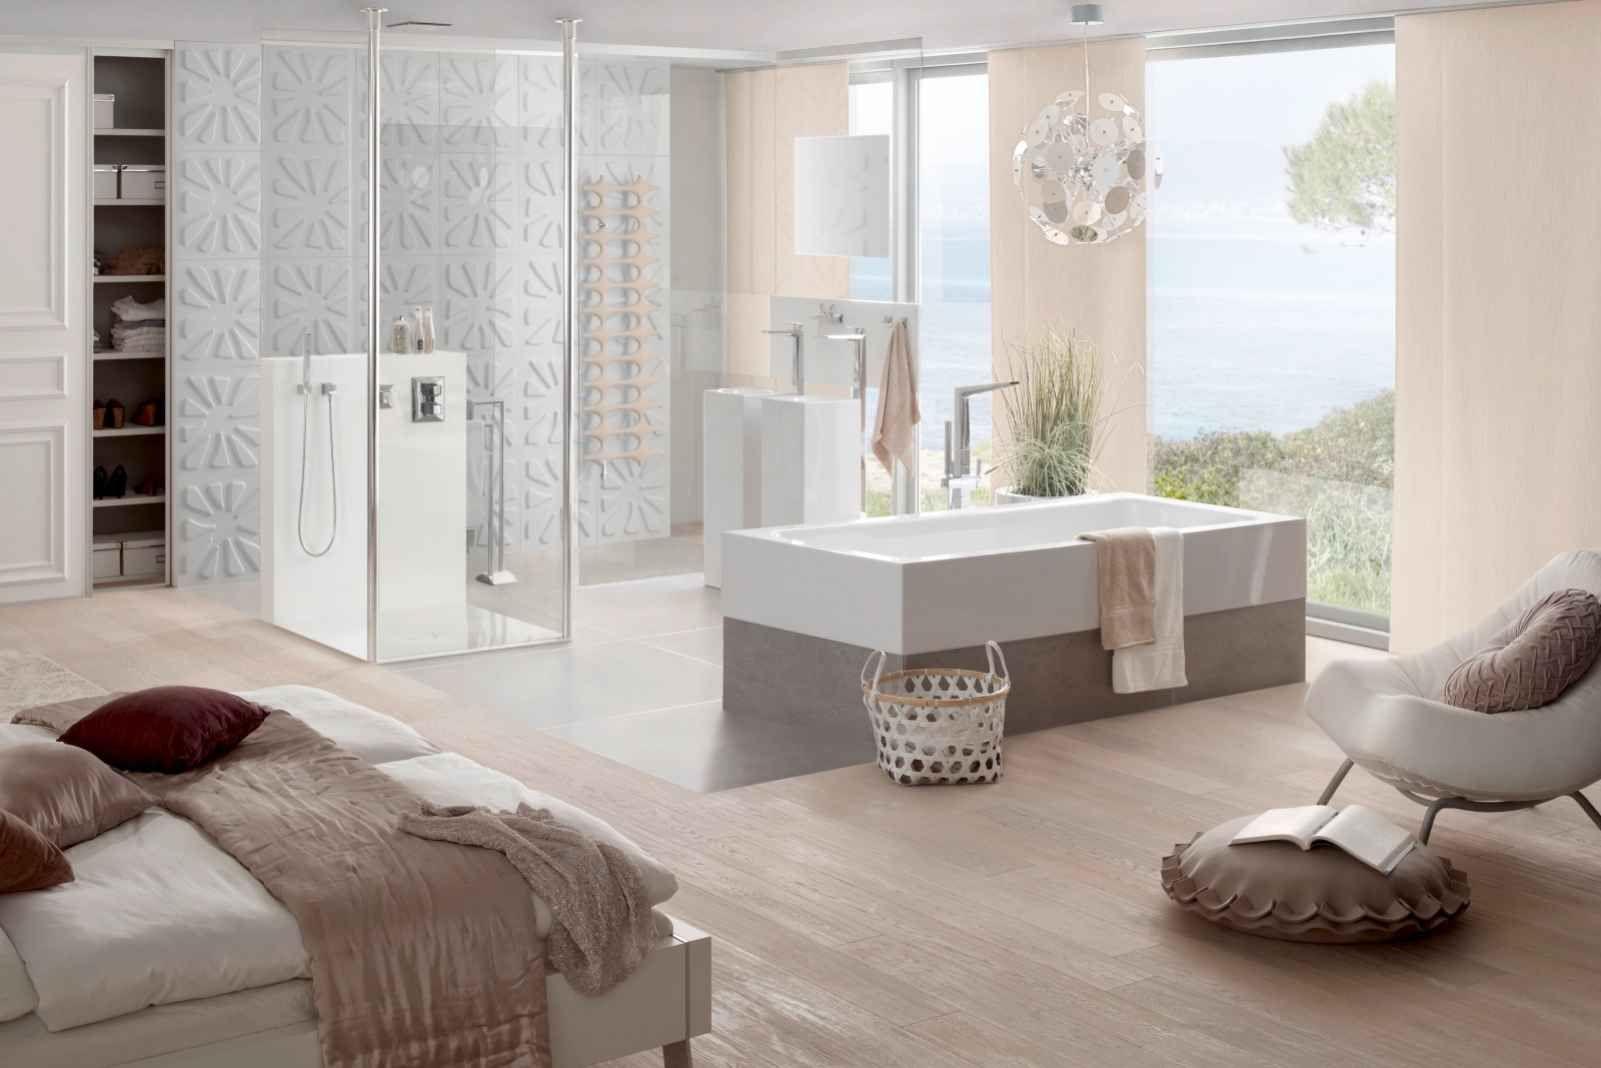 Kombinierte schlafzimmer und badezimmer mit rechteck badewanne one highline badezimmer for Schlafzimmer einrichten 3d